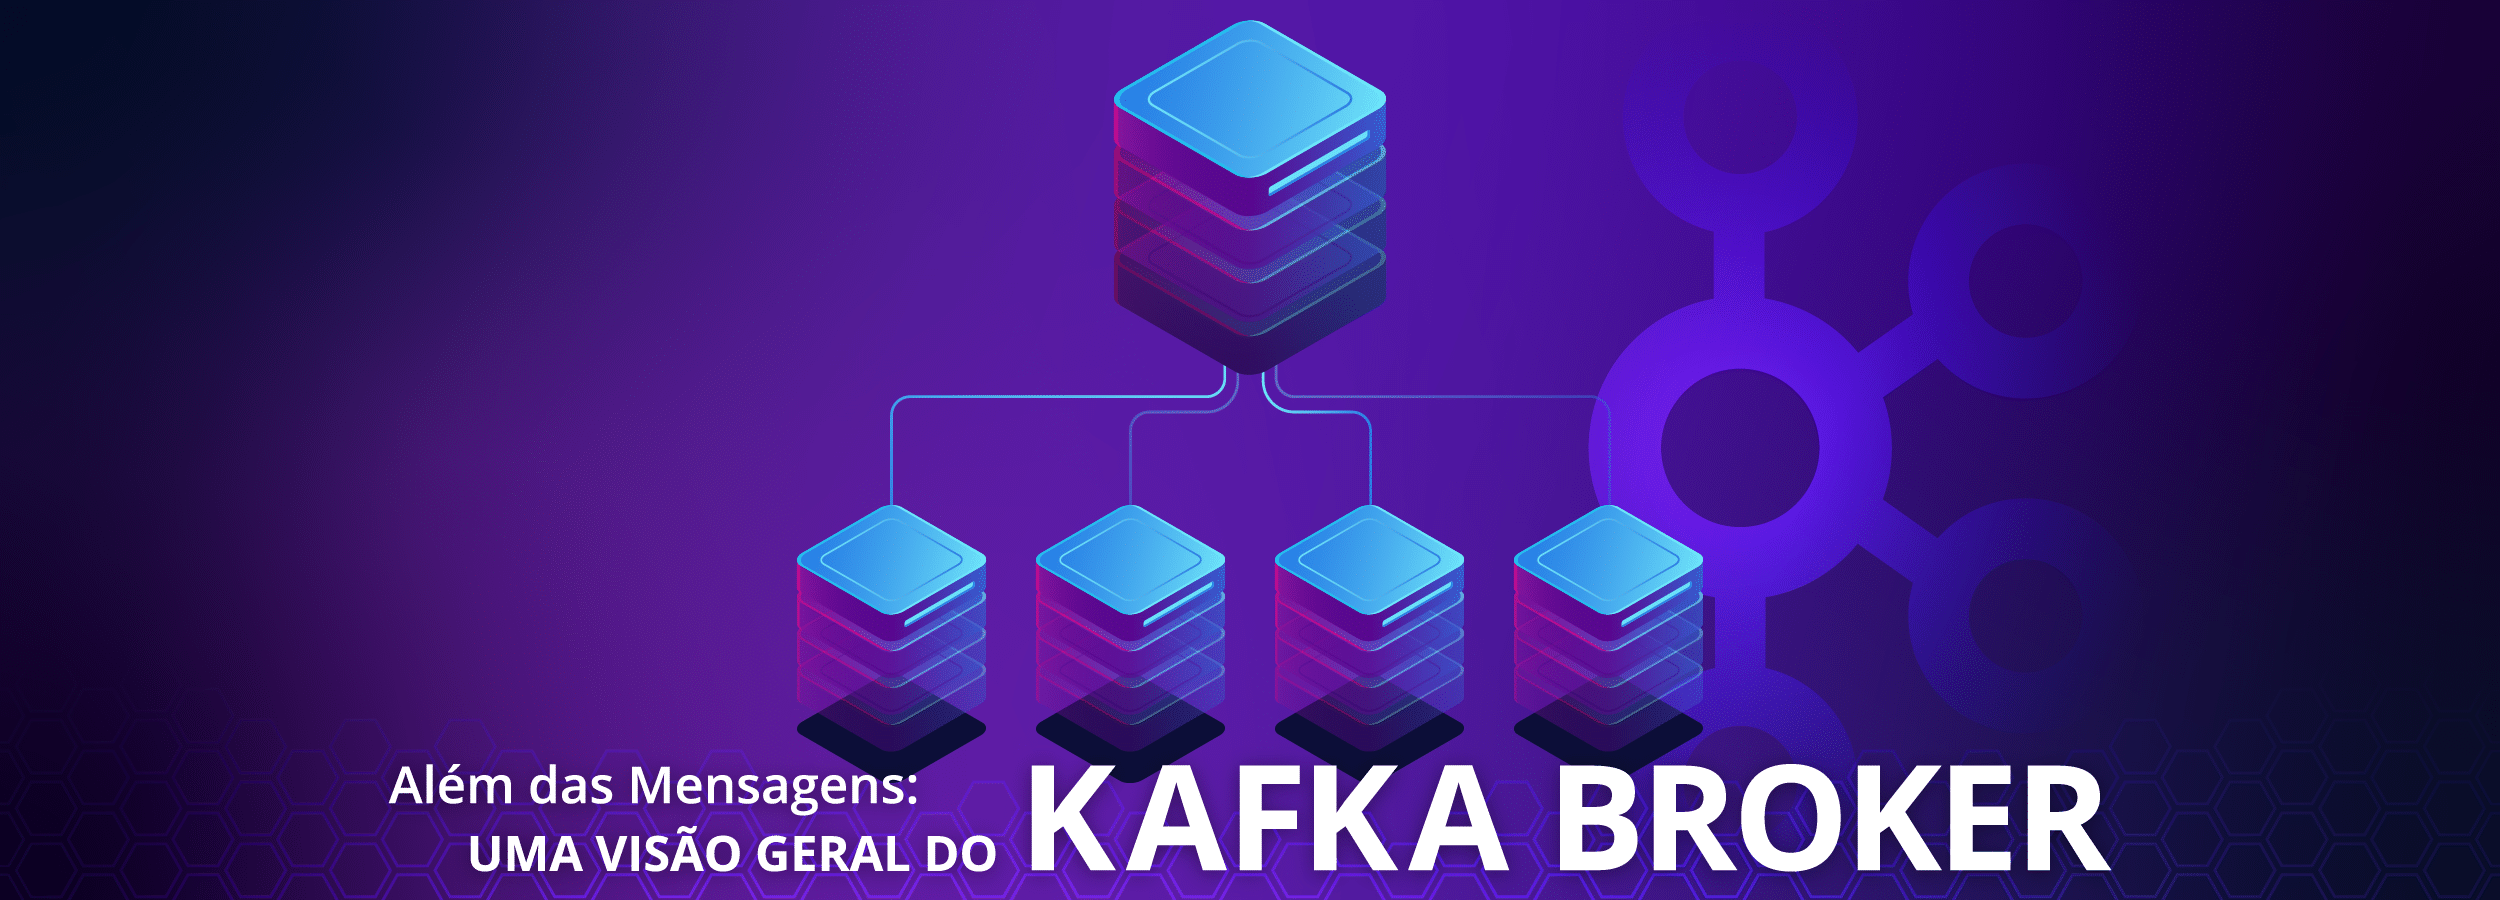 Além das Mensagens: Visão Geral do Kafka Broker